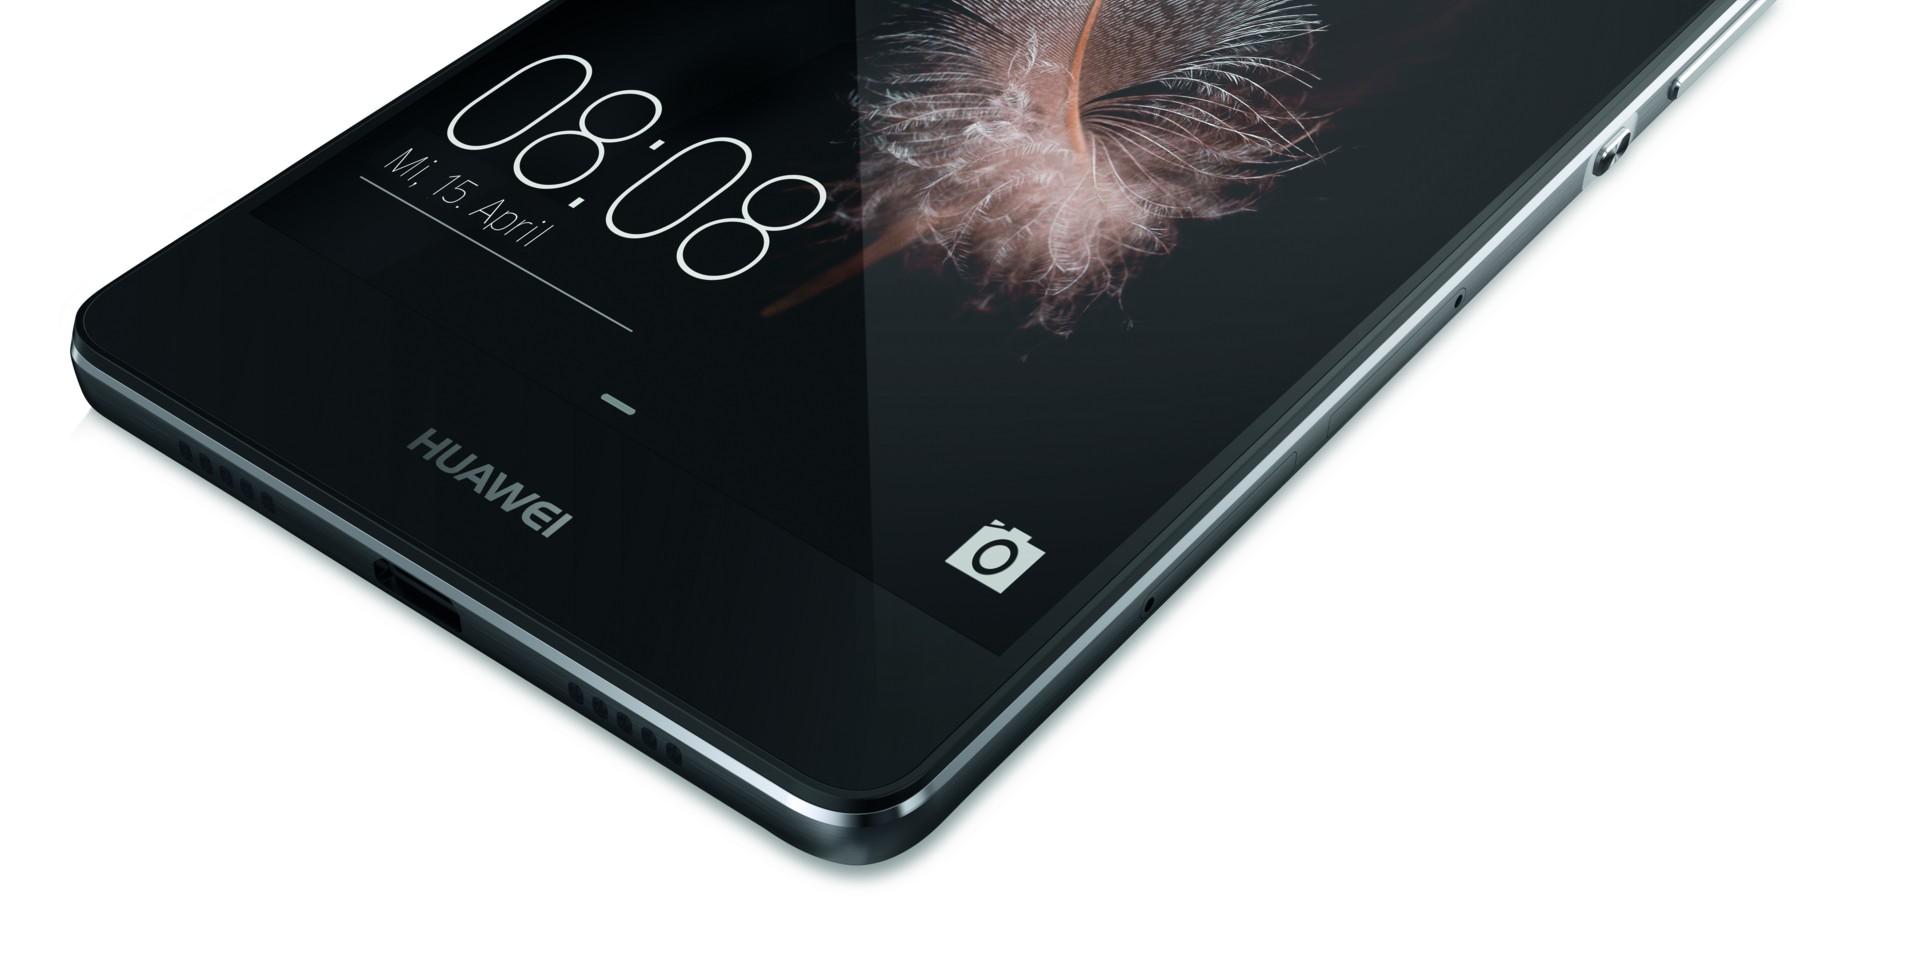 Le Huawei P8 à 365 € sur Amazon Marketplace